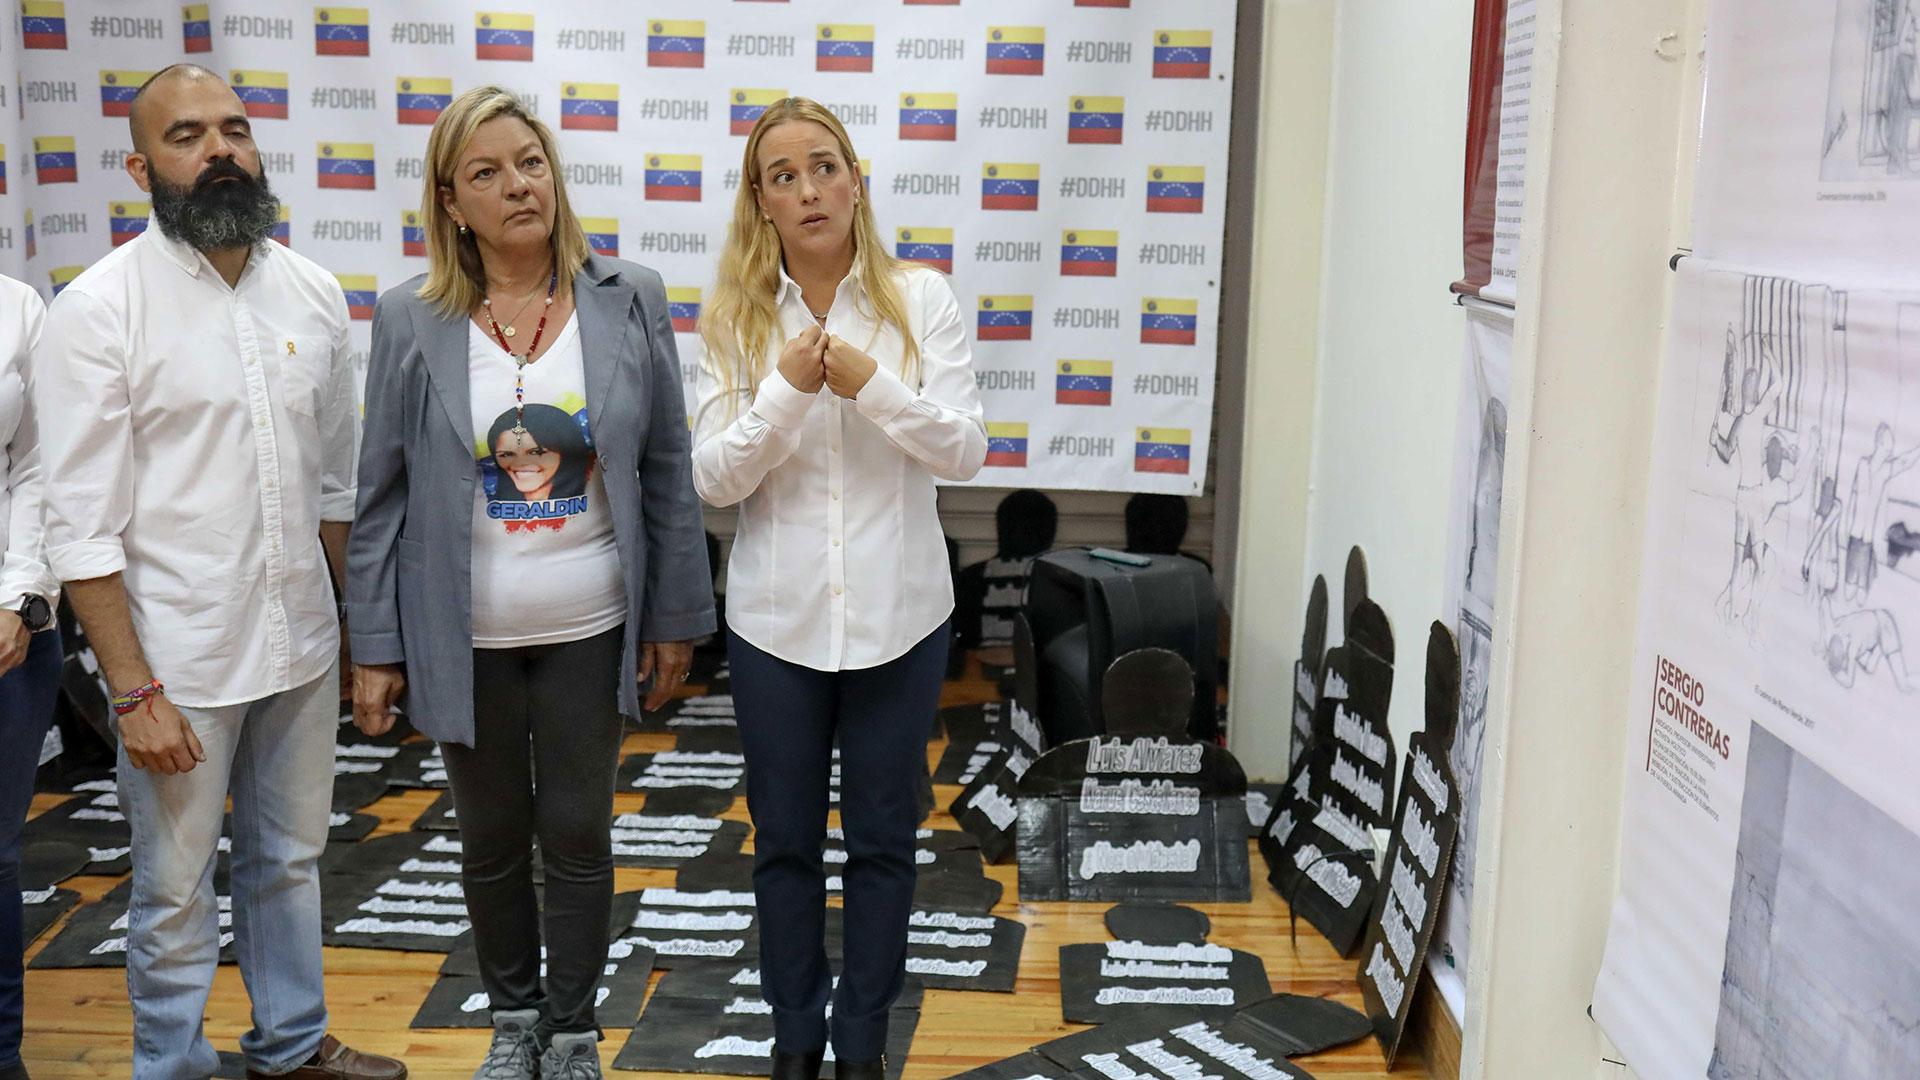 La exposición fue construida con aportes de abogados y familiares de las víctimas (EFE)